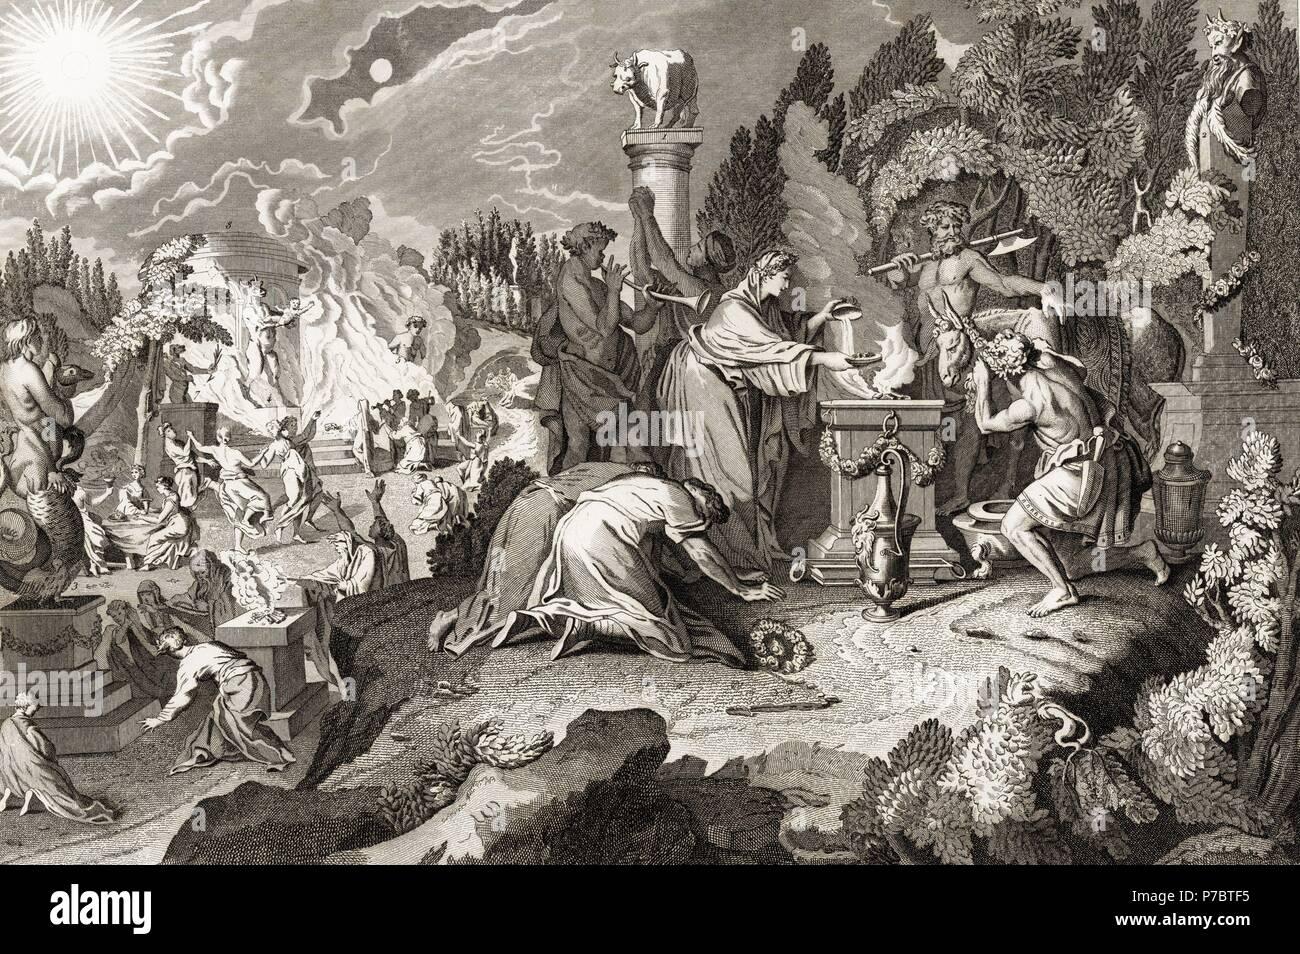 Historia sagrada. Altares consagrados al culto de diversos ídolos paganos. Grabado de 1862. Stock Photo